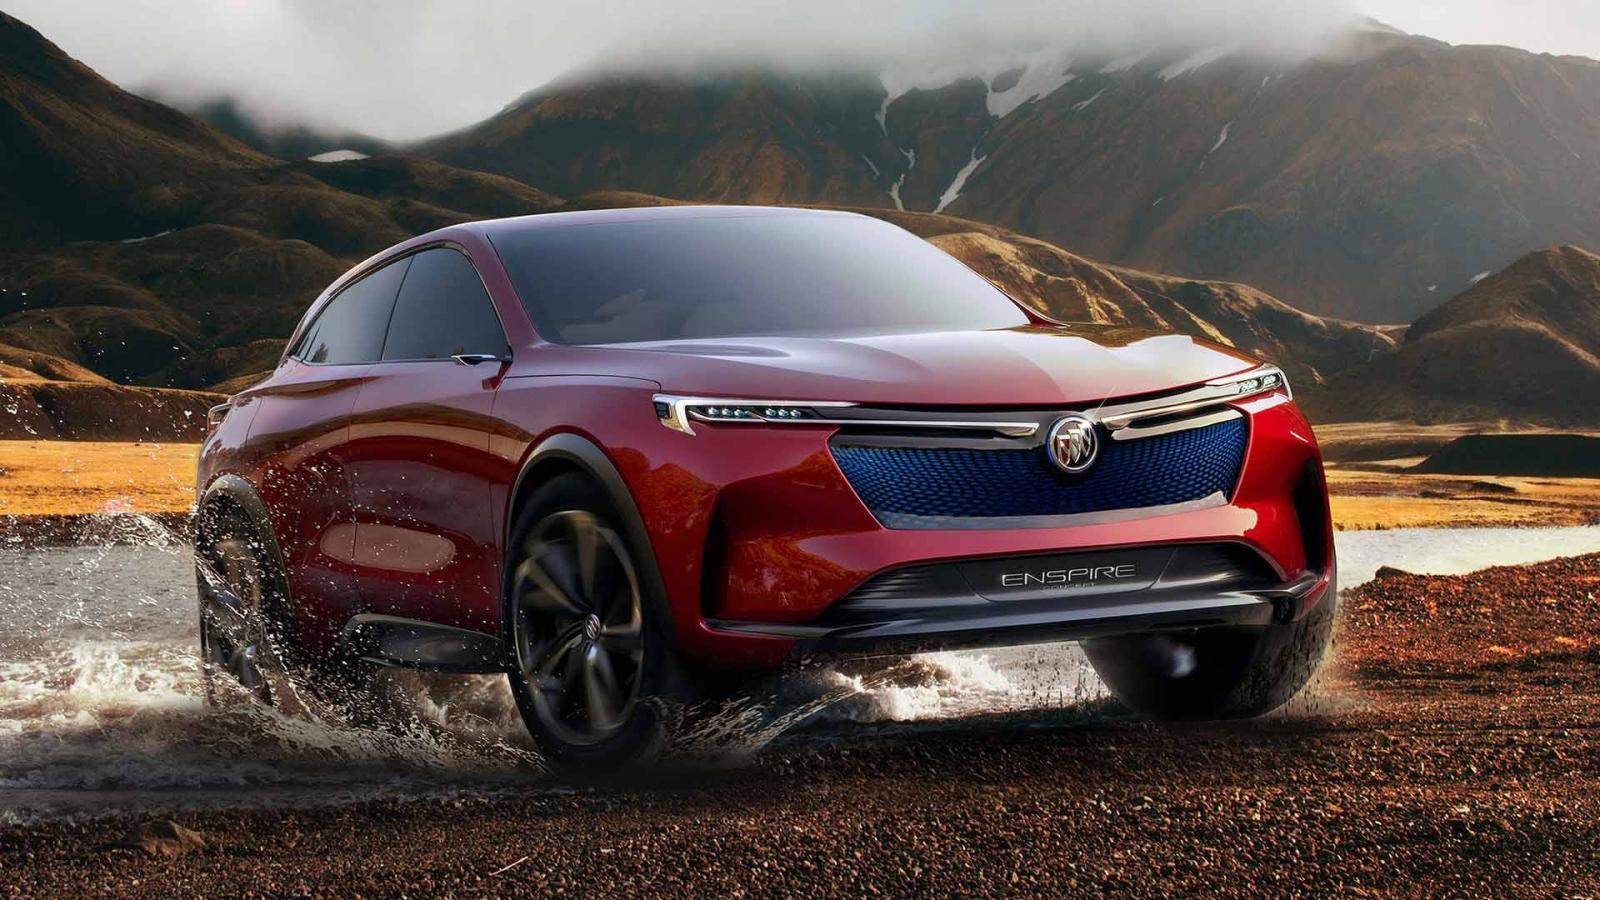 Buick показала электрический купеобразный кроссовер Enspire